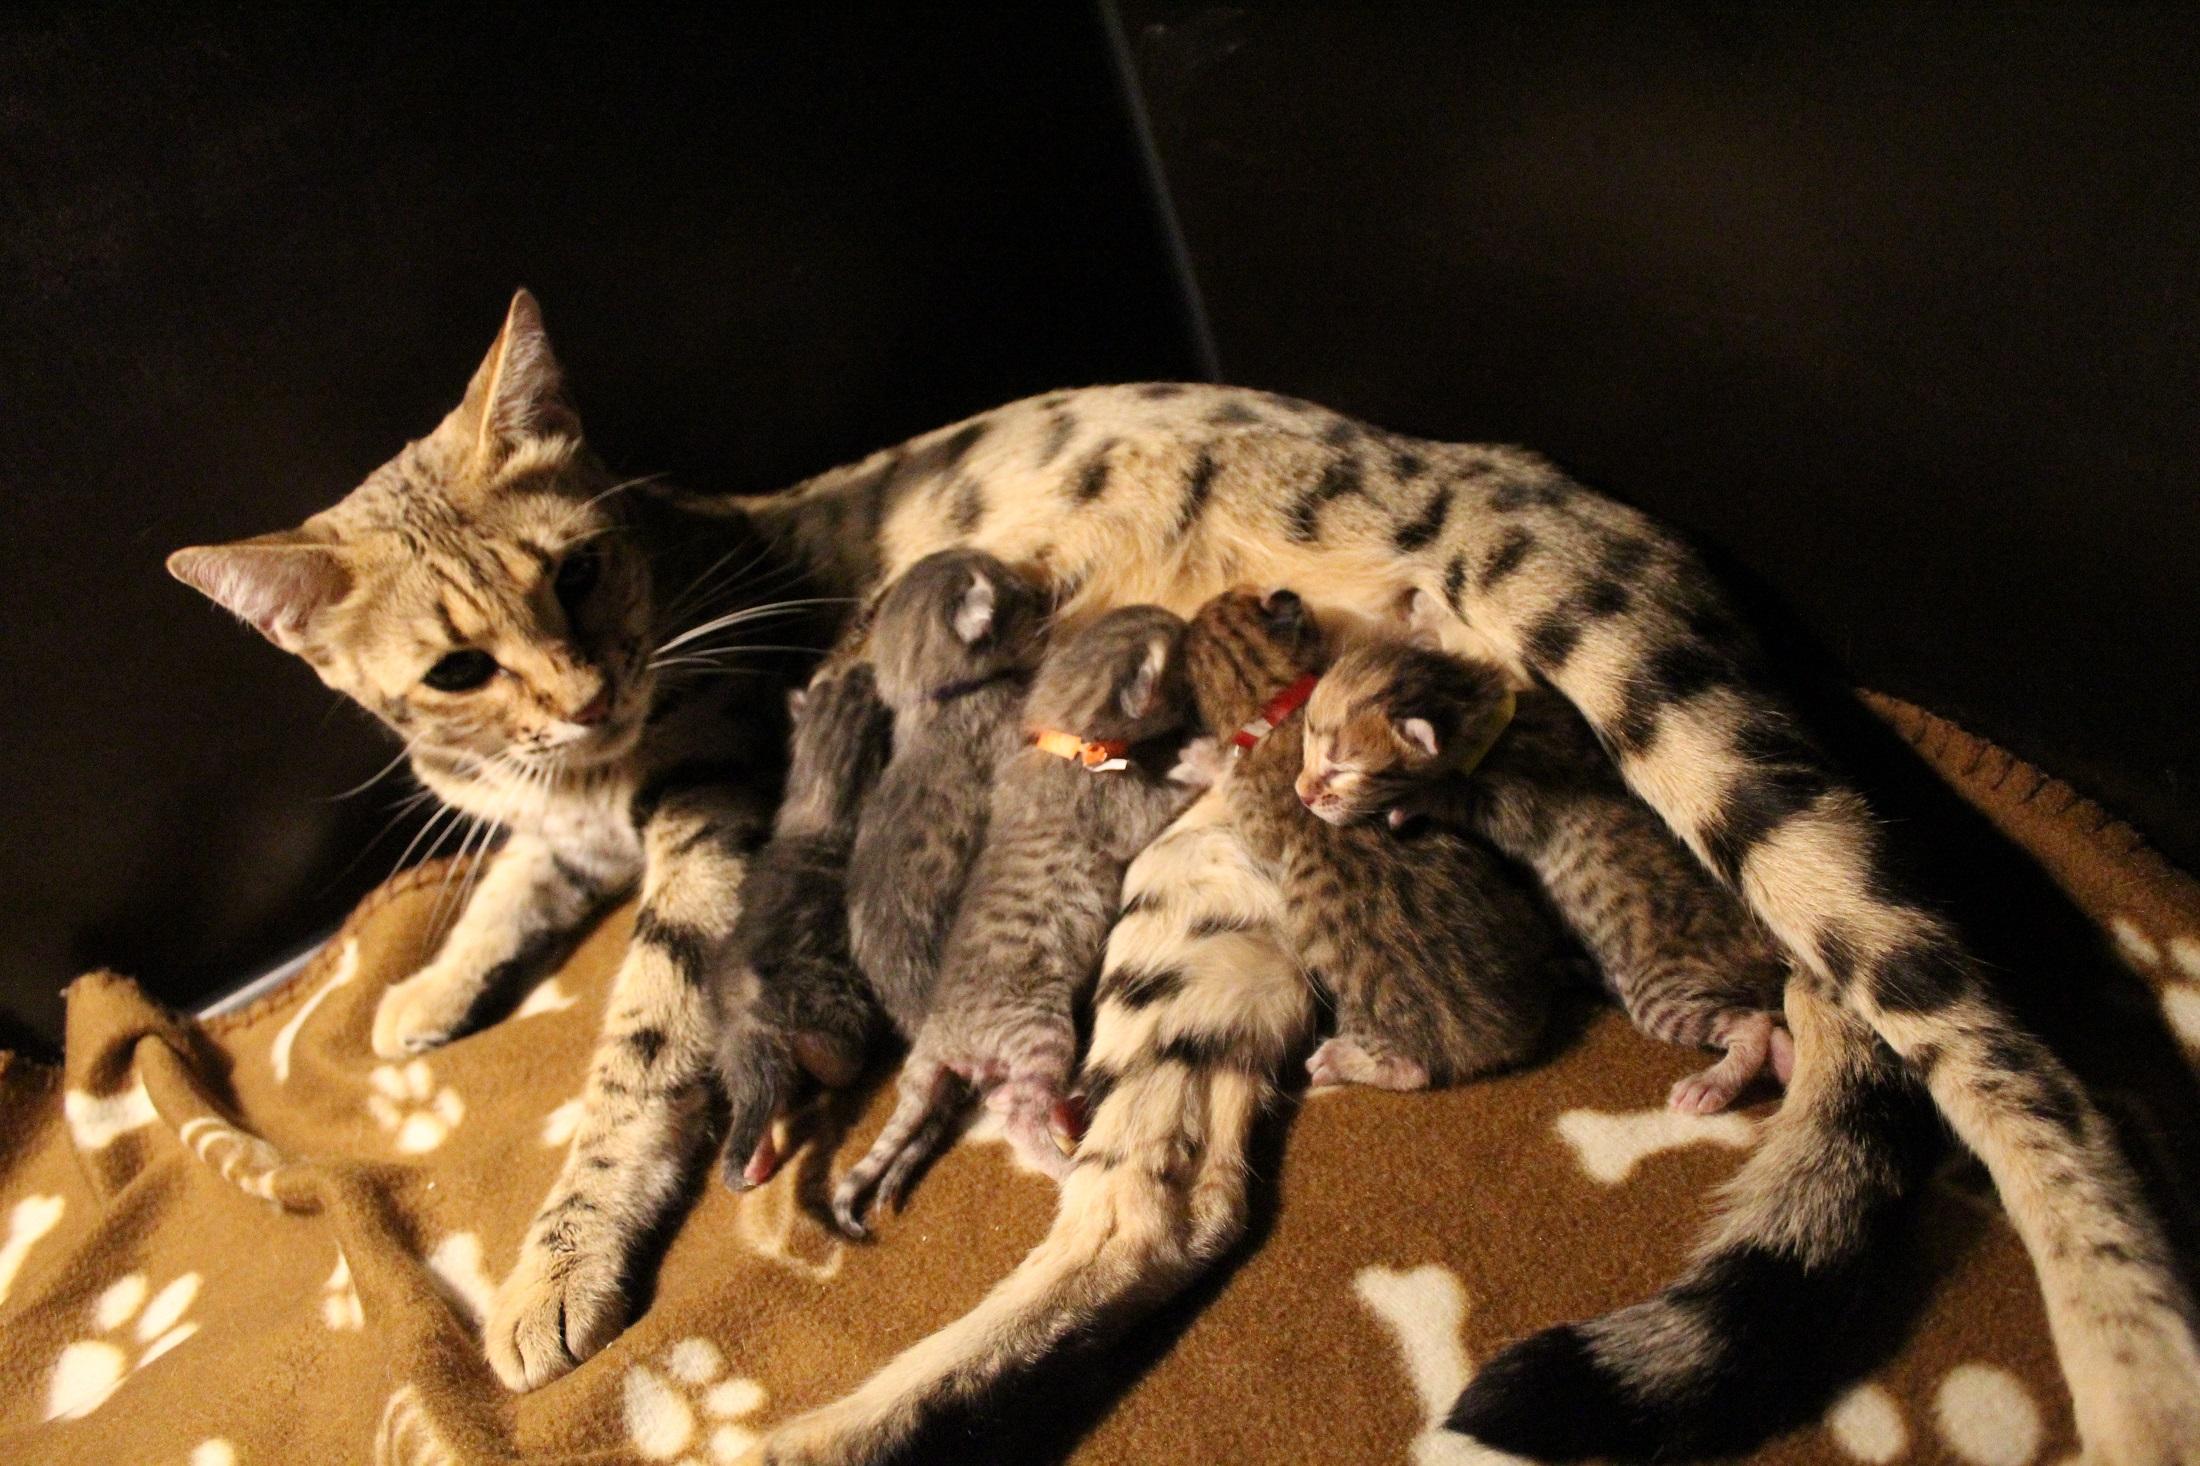 Savannah F7 kittens